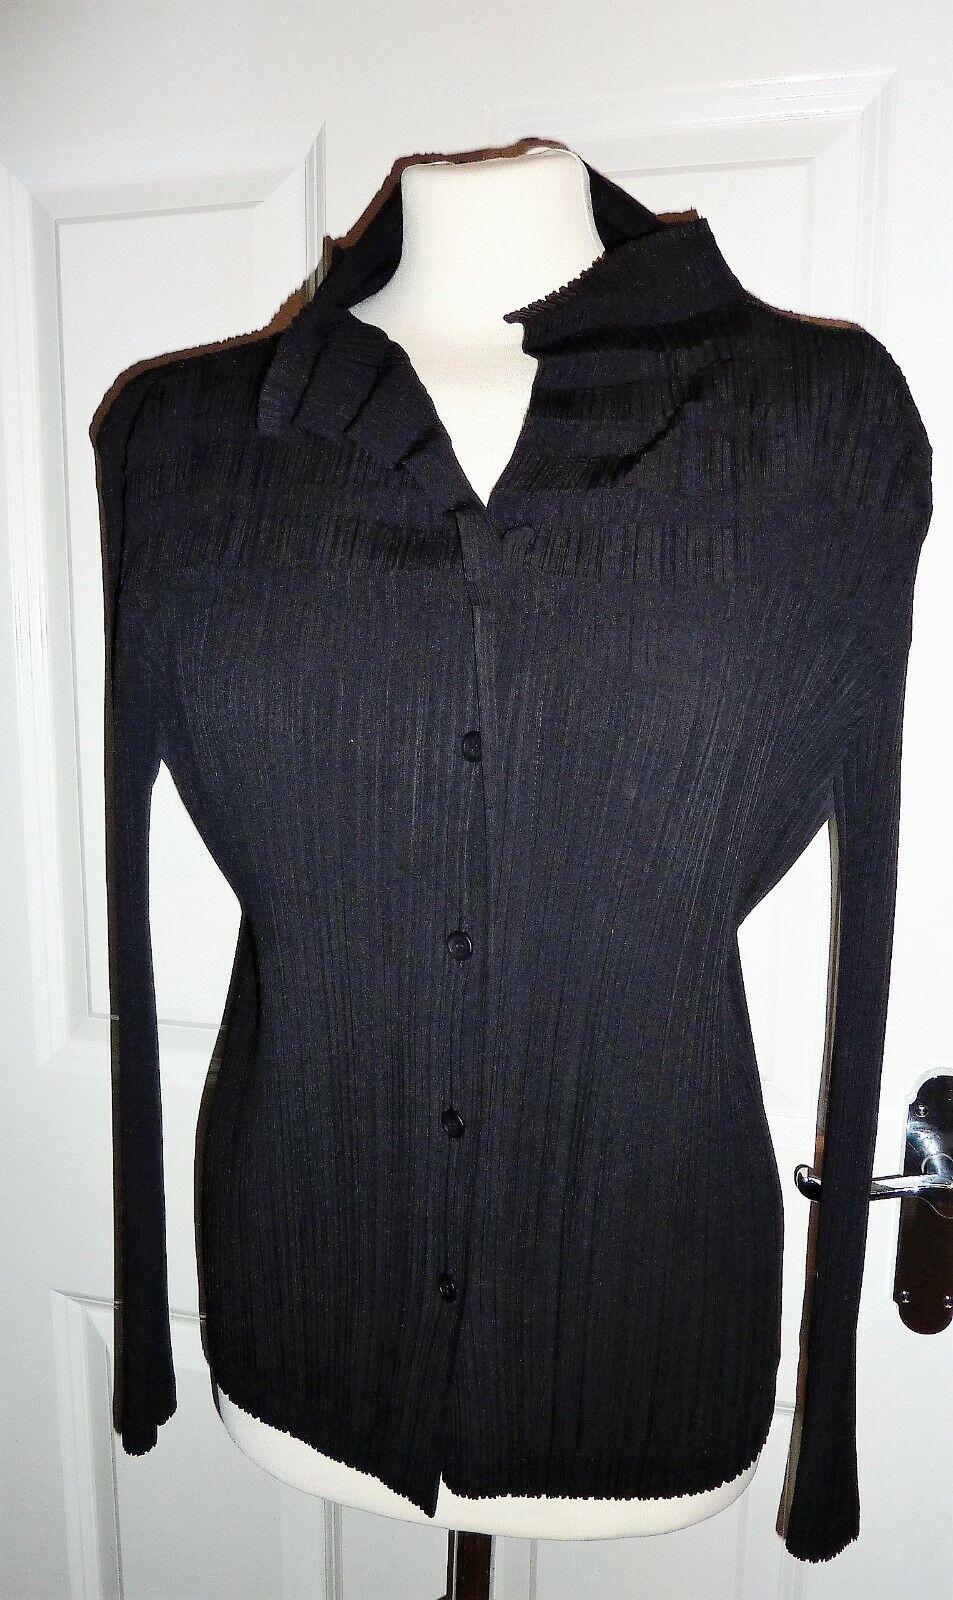 Issey miyake pleats shirt size 12-14